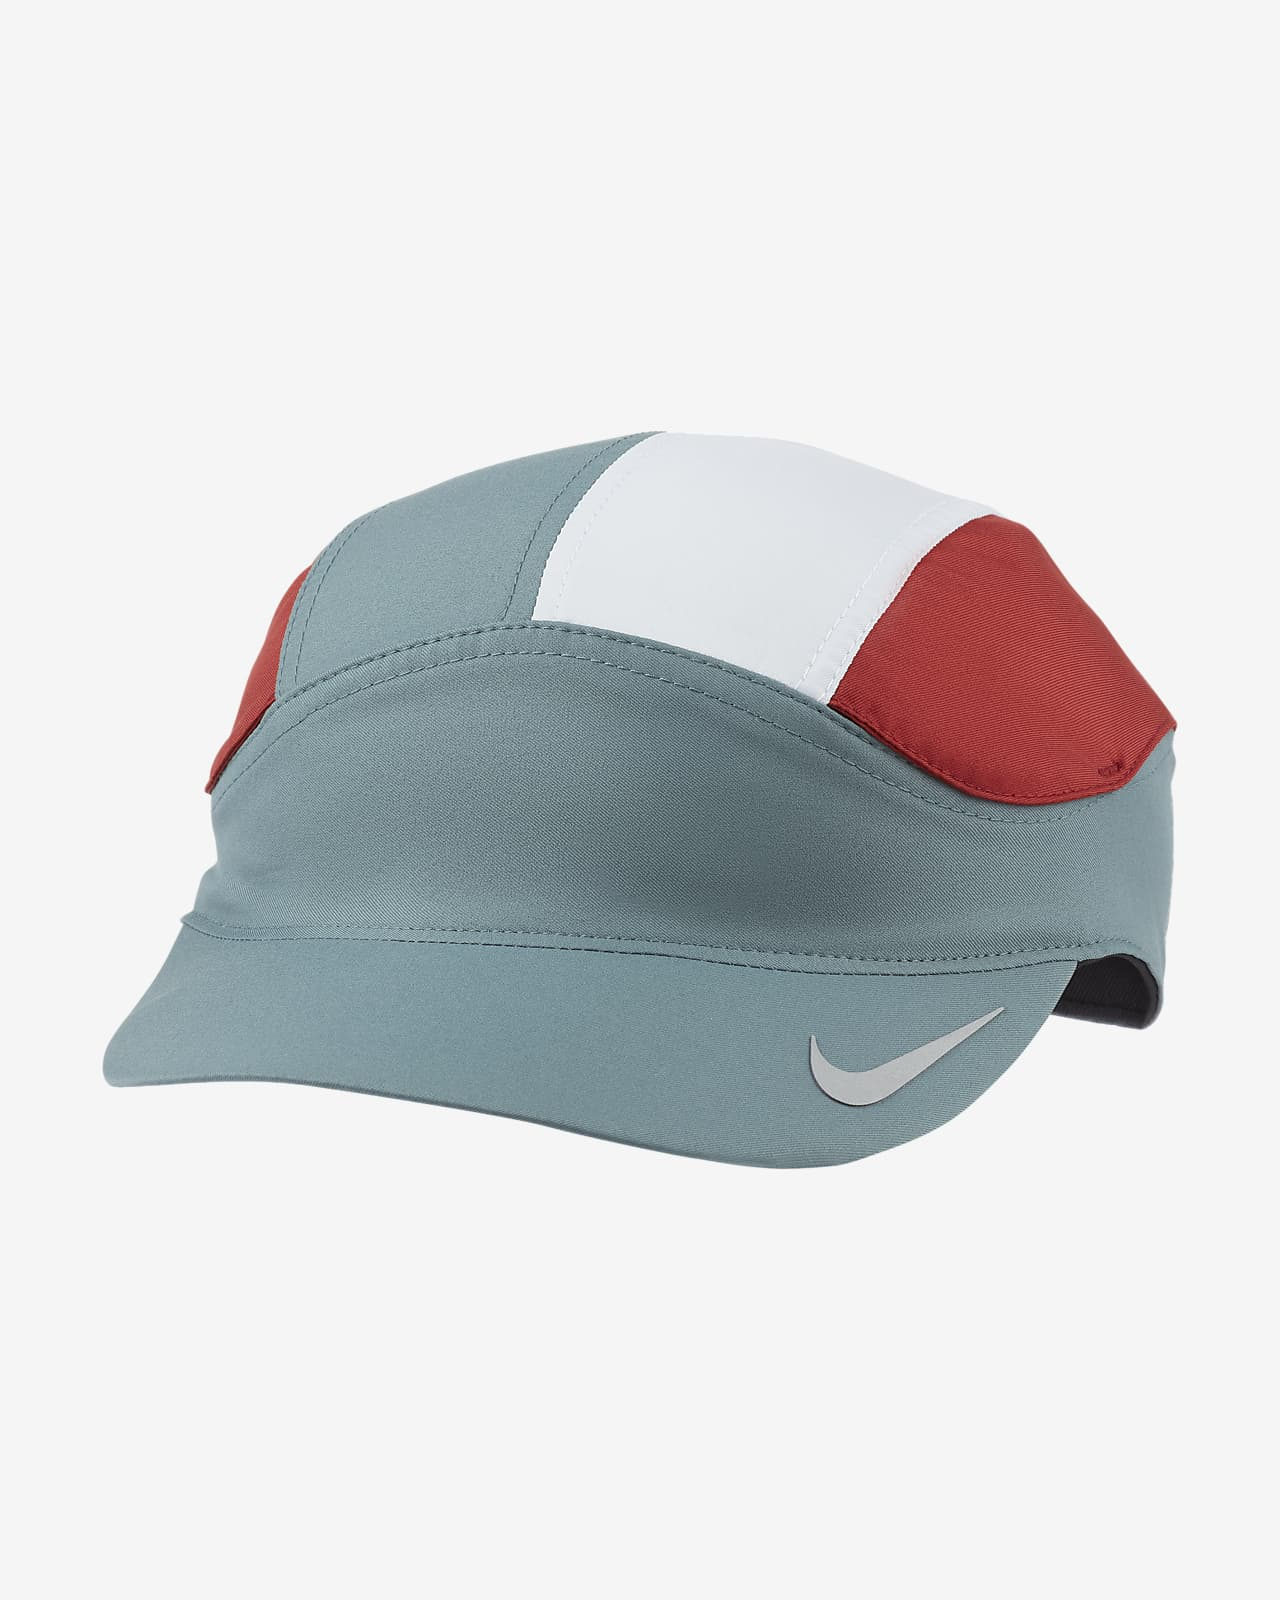 หมวกแก๊ปวิ่ง Nike Dri-FIT Tailwind Fast